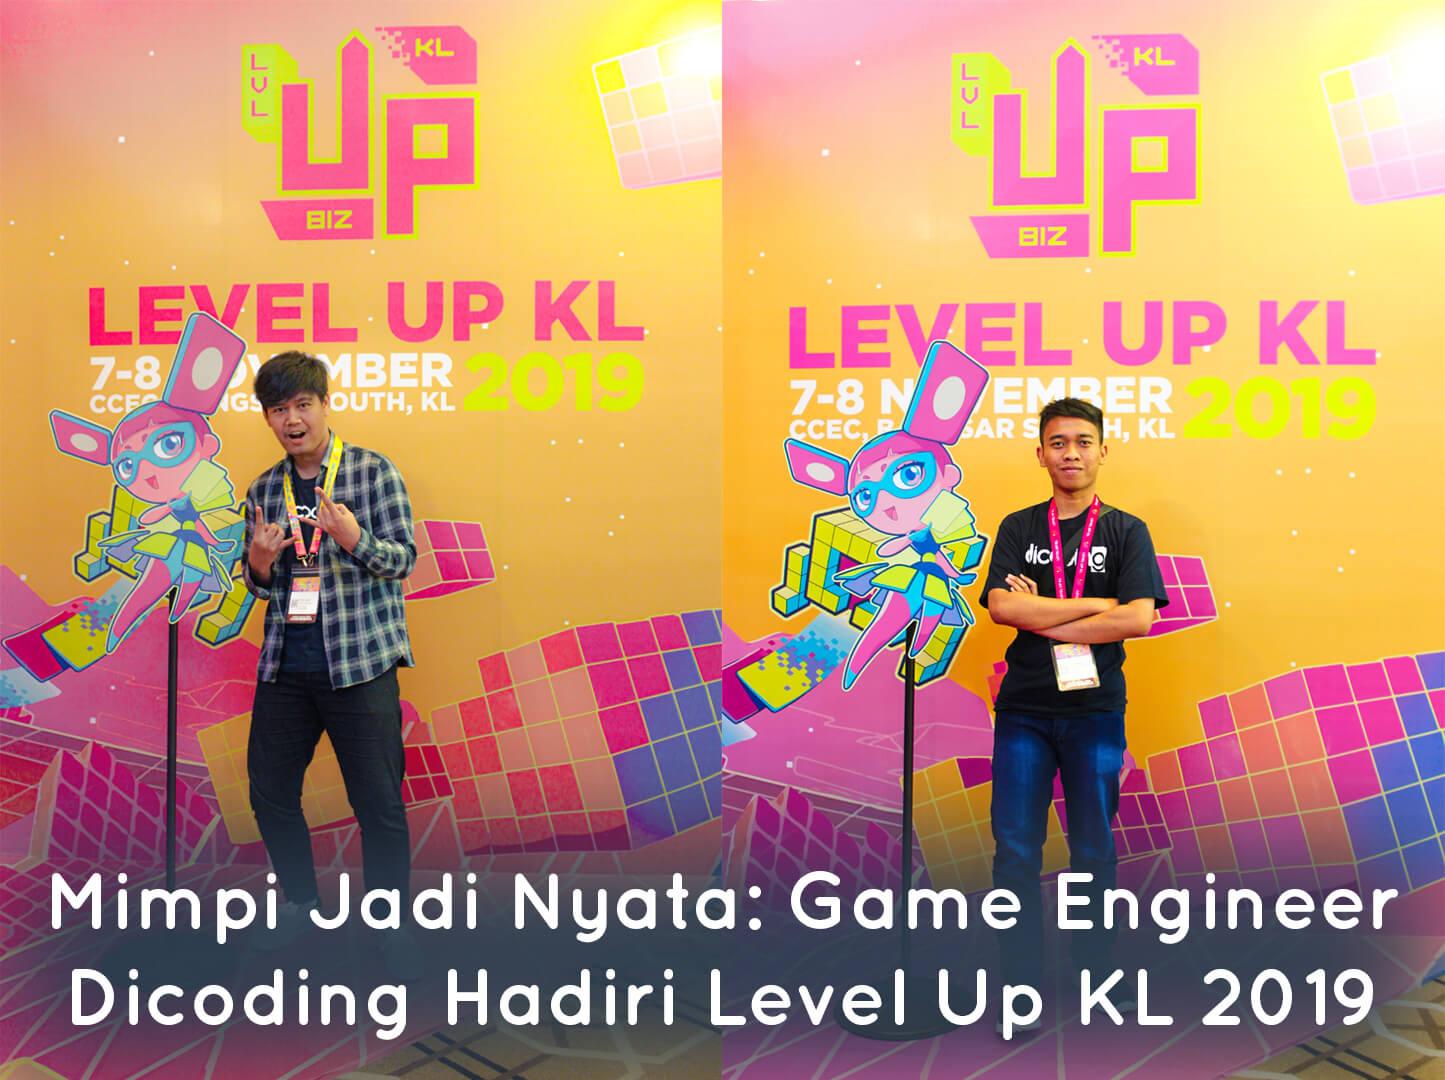 Game Engineer Dicoding Hadiri Level Up KL 2019 di Malaysia